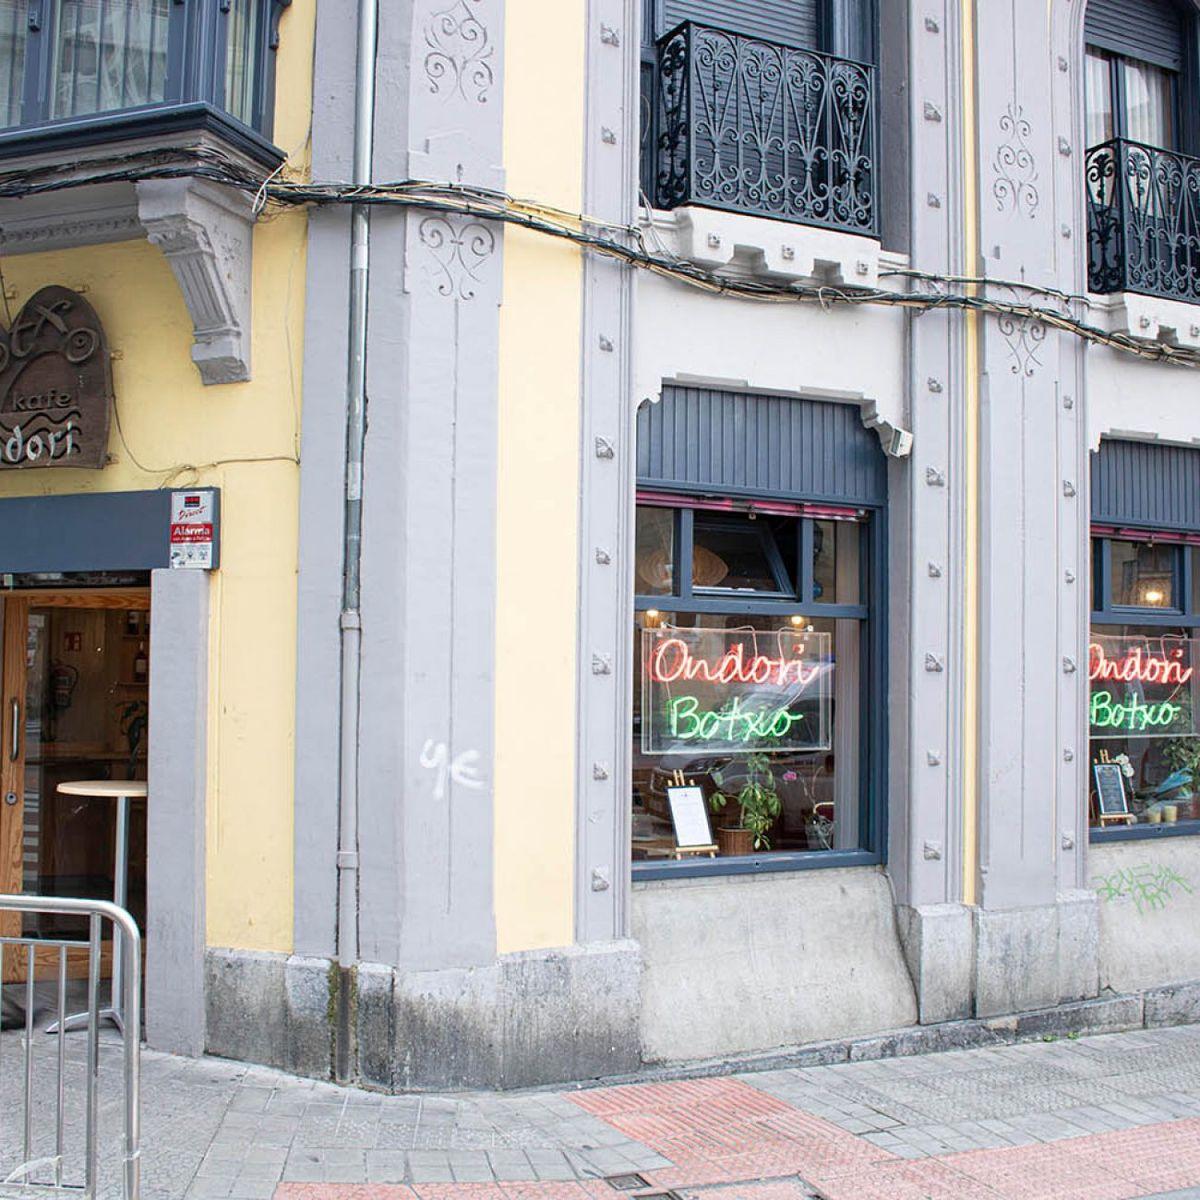 Ondori Botxo, comida asiática en Bilbao